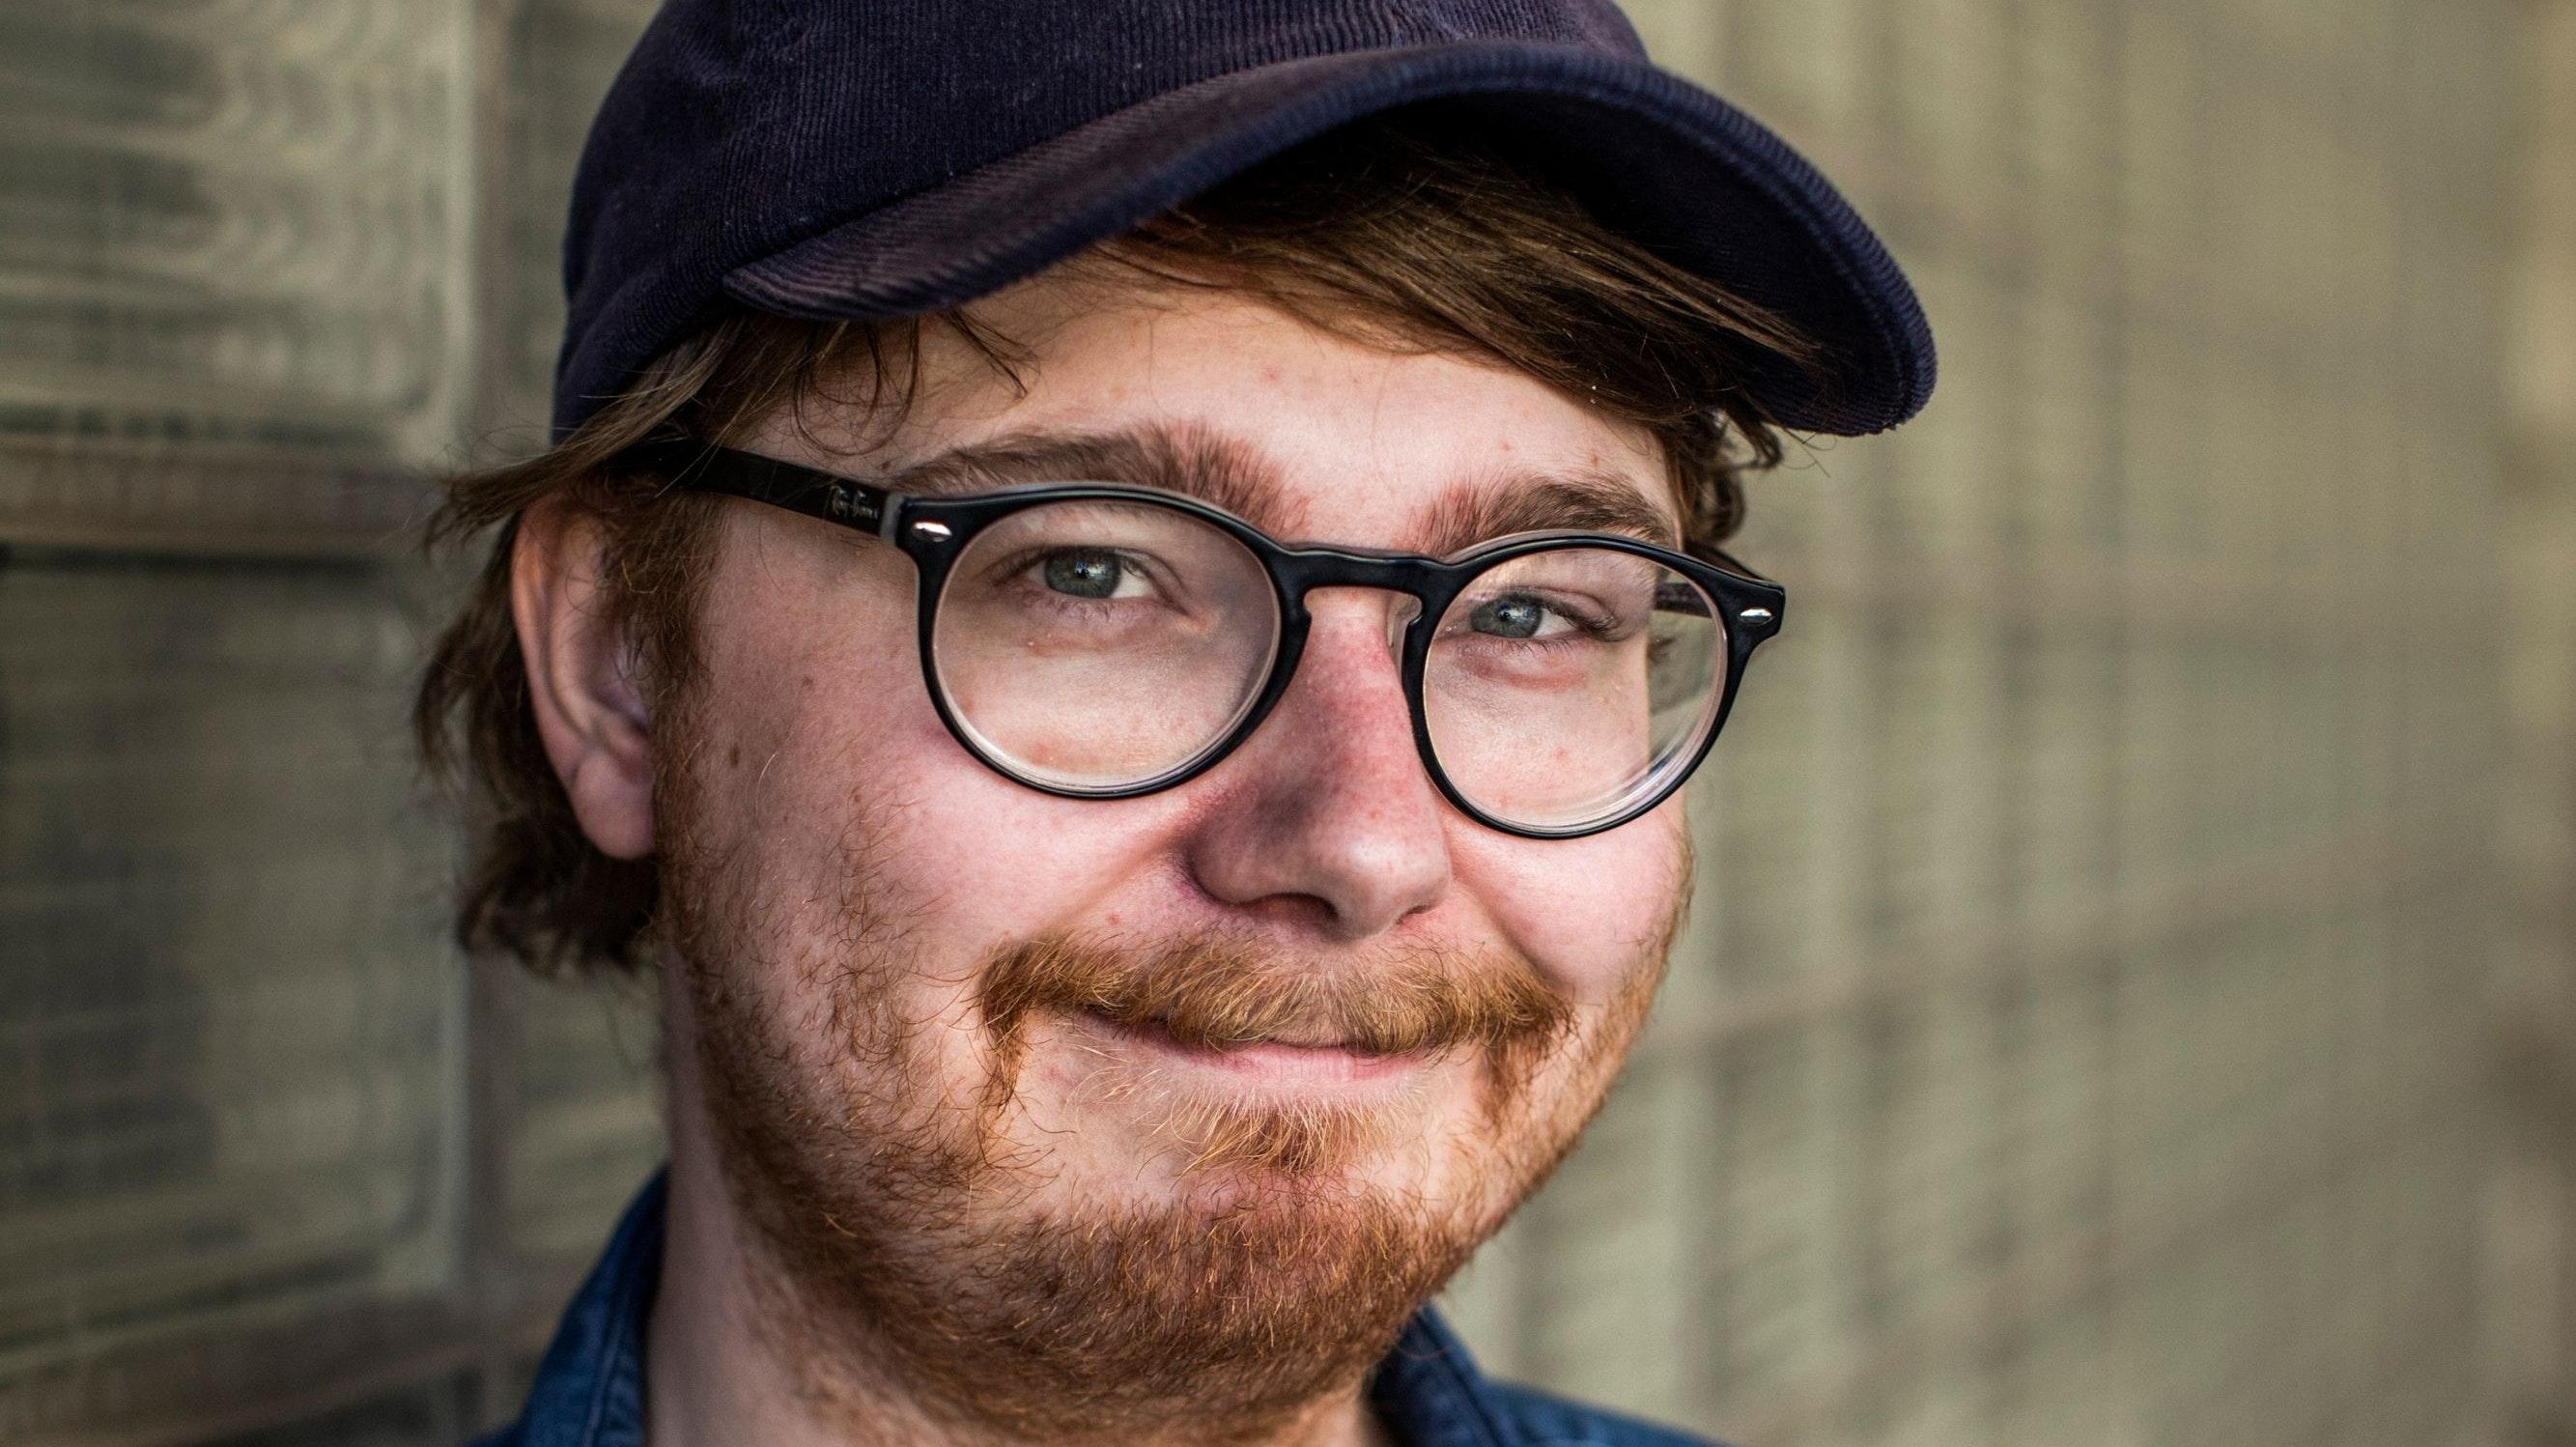 Kreativer Kopf: Johannes Floehr gehört zur jungen Autorenriege, die nach der coronabedingten Bühnenflaute wieder durchstarten wollen. Foto: Fabian Stuertz